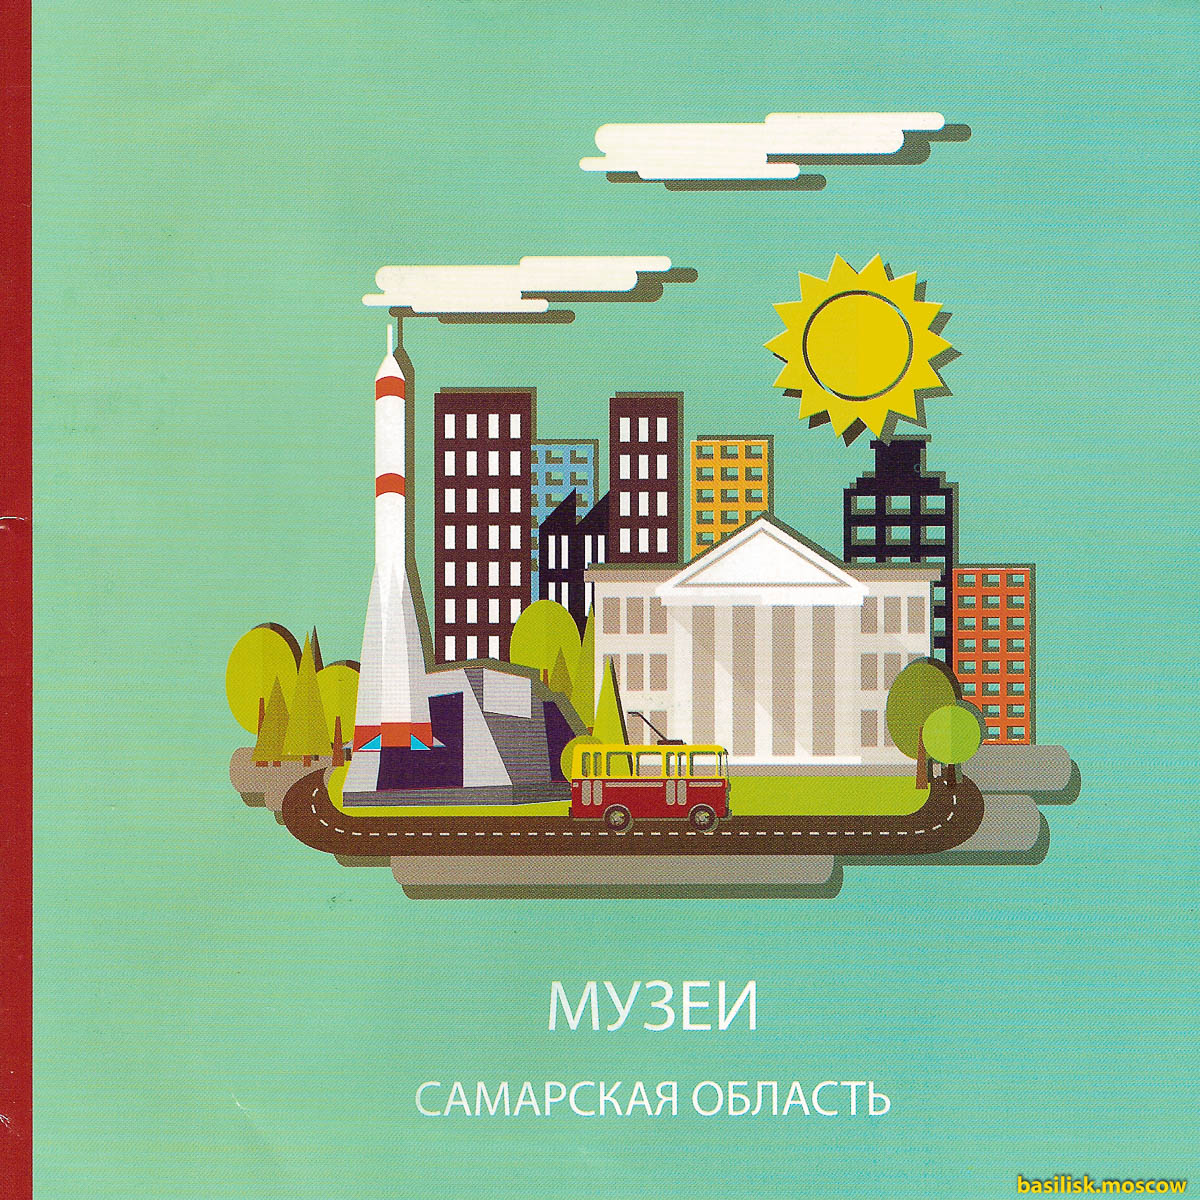 Музеи Самары. Буклеты и карта. Июль 2015.